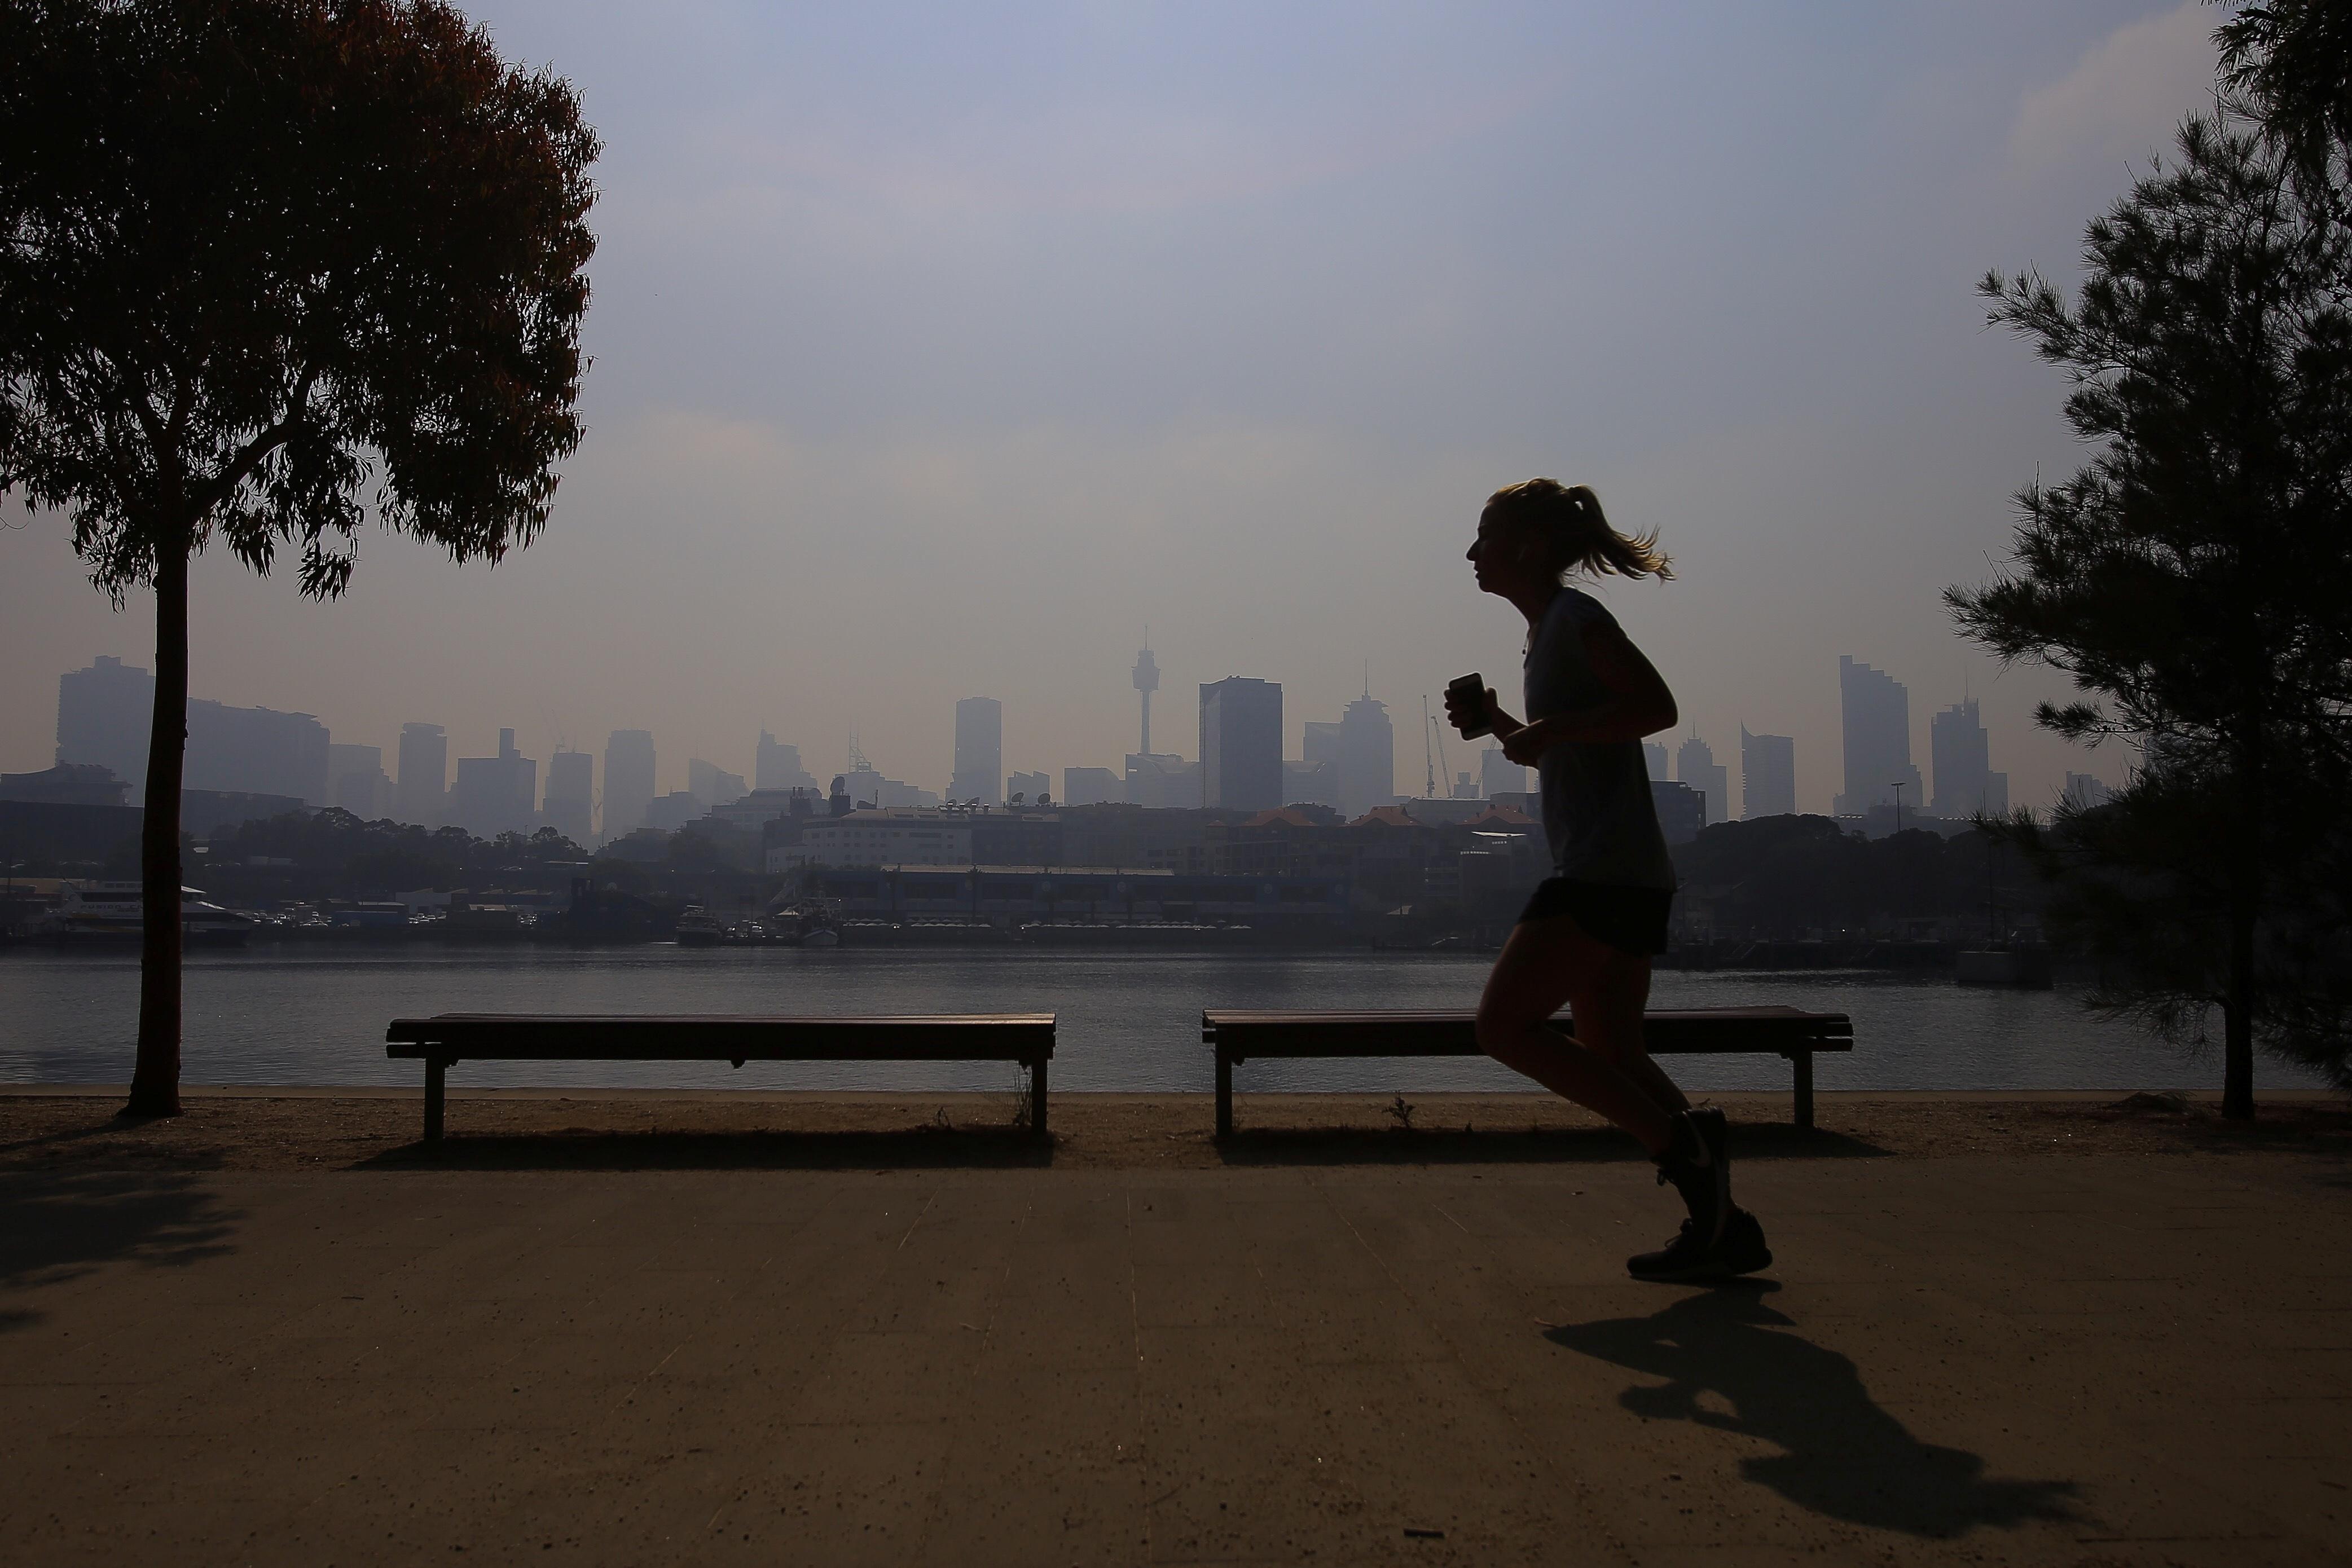 Πνίγεται στο νέφος καπνού από τις πυρκαγιές το Σίδνεϊ! Αποπνικτική η ατμόσφαιρα στην πόλη